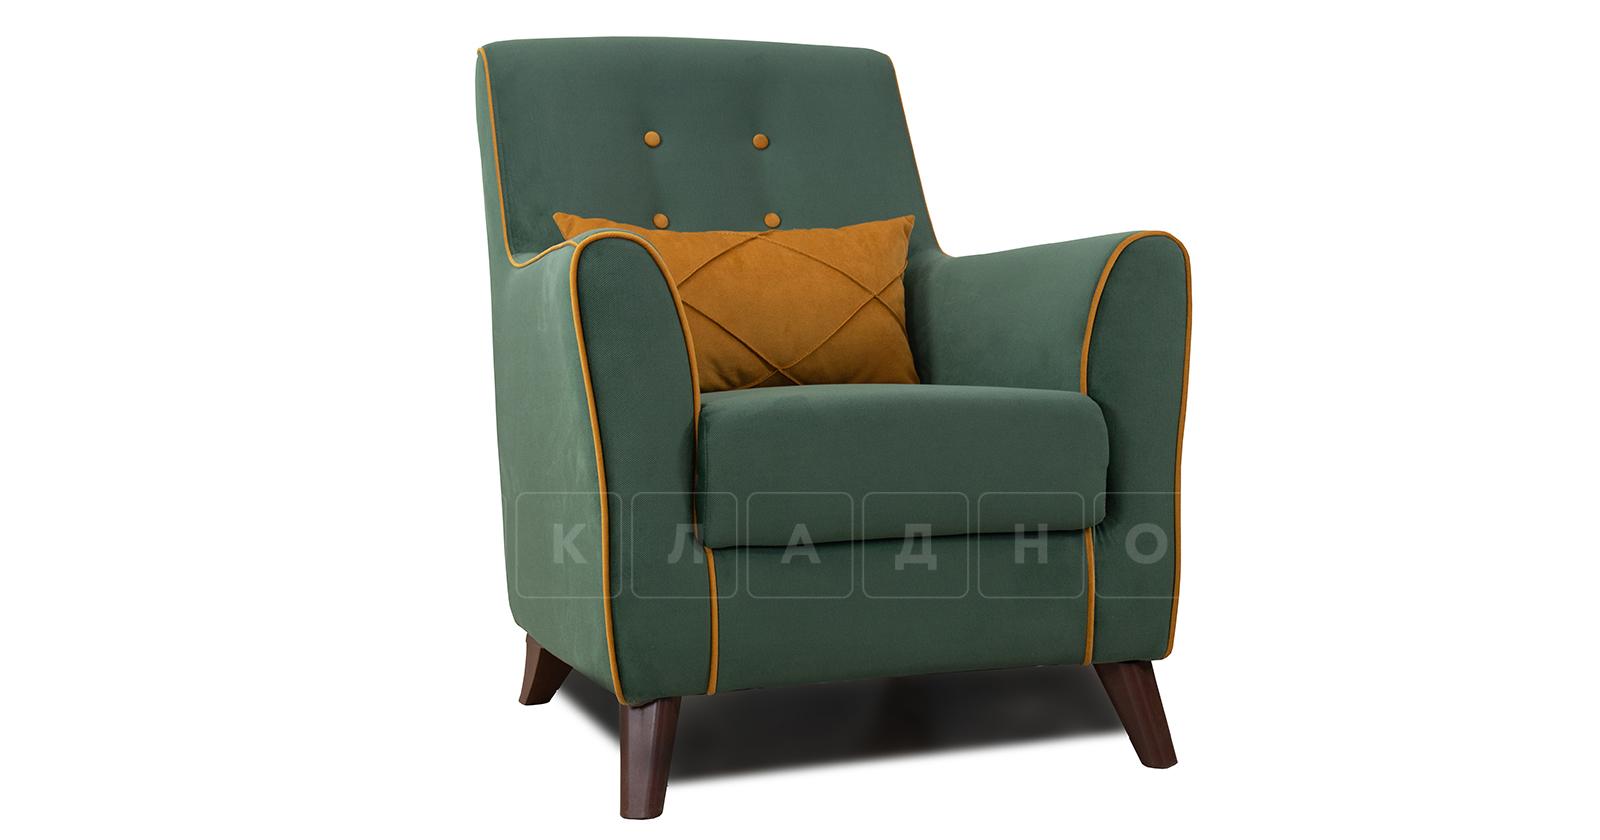 Кресло для отдыха Флэтфорд нефритовый зеленый фото 1 | интернет-магазин Складно